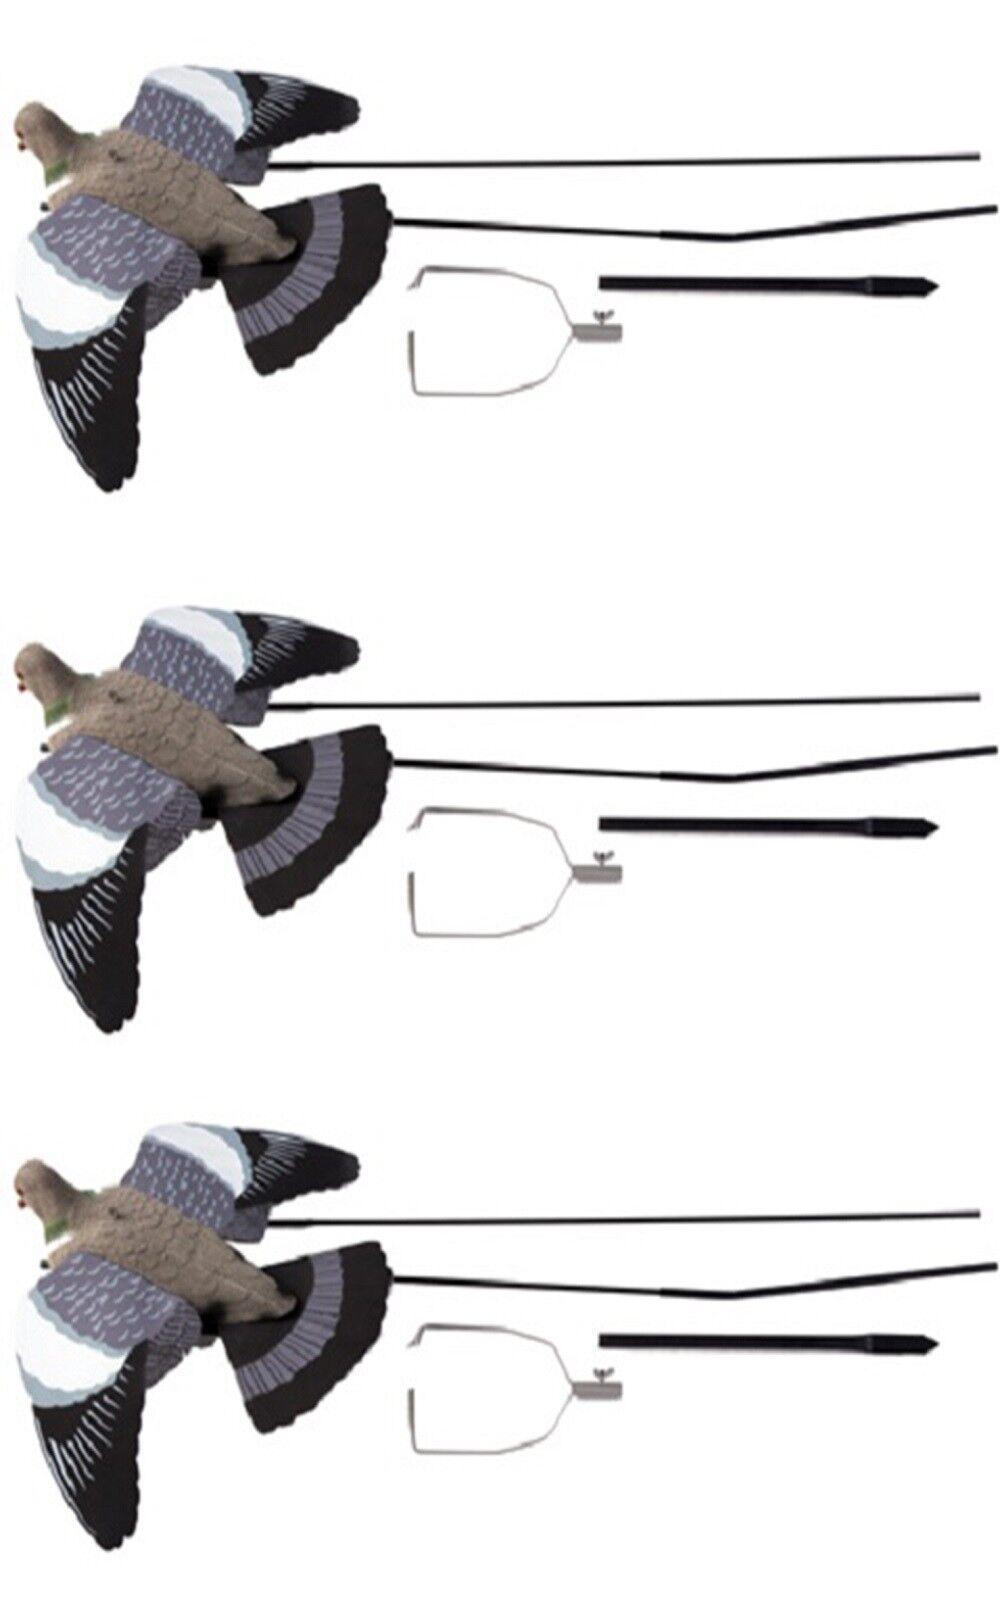 3 X Ultimativ Fliegend Tauben Lockvogel Lockvogel Lockvogel + Rausschmeißer Schießen Köder 3c25f1